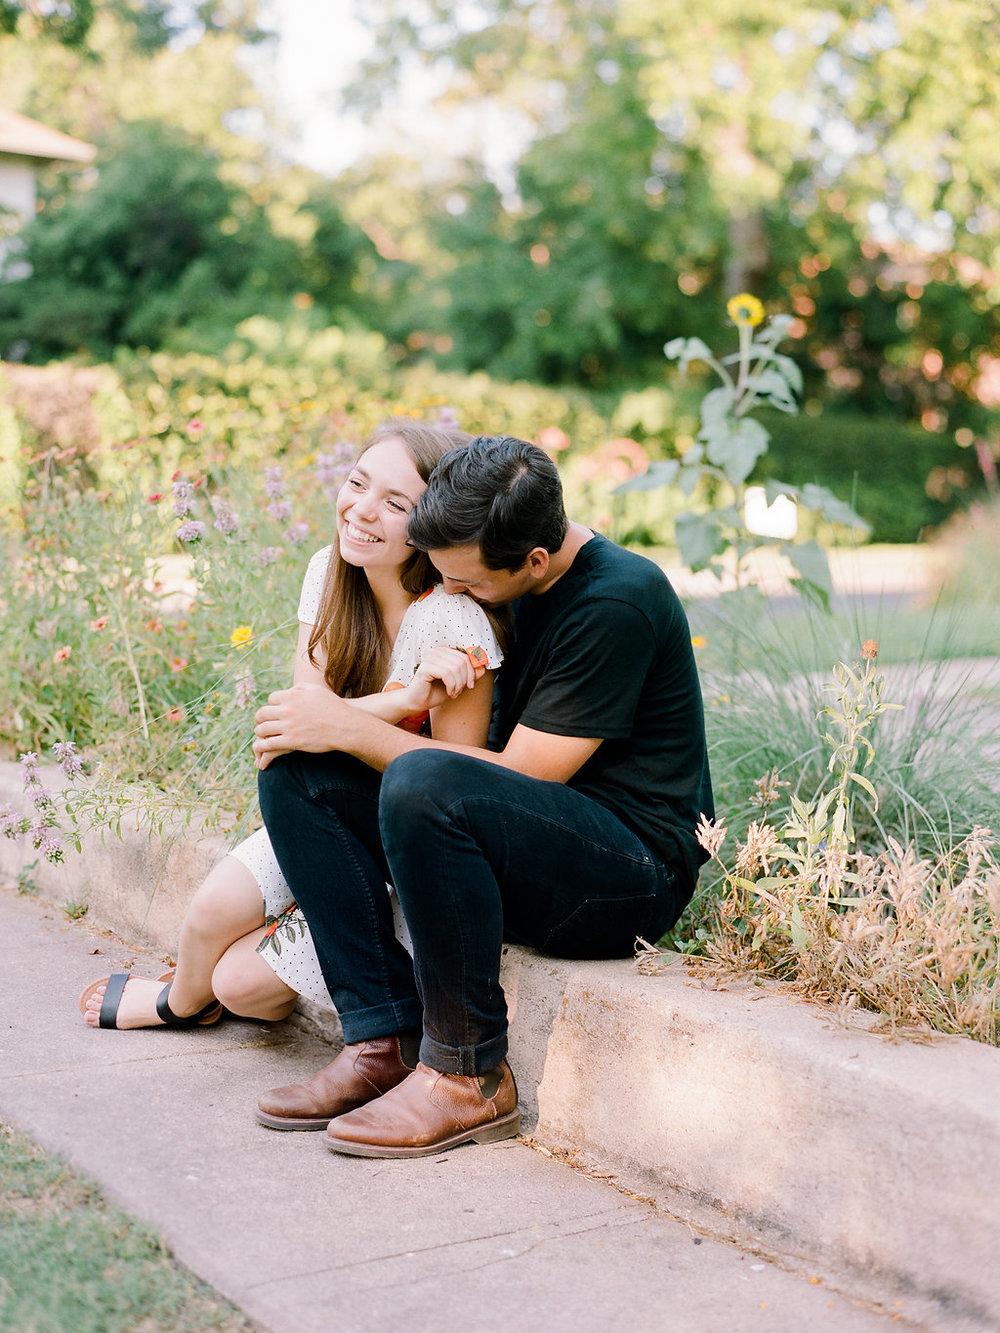 Best-Austin-Denver-California-Wedding-Photographers-fine-art-film-Engagement-Session-37.jpg